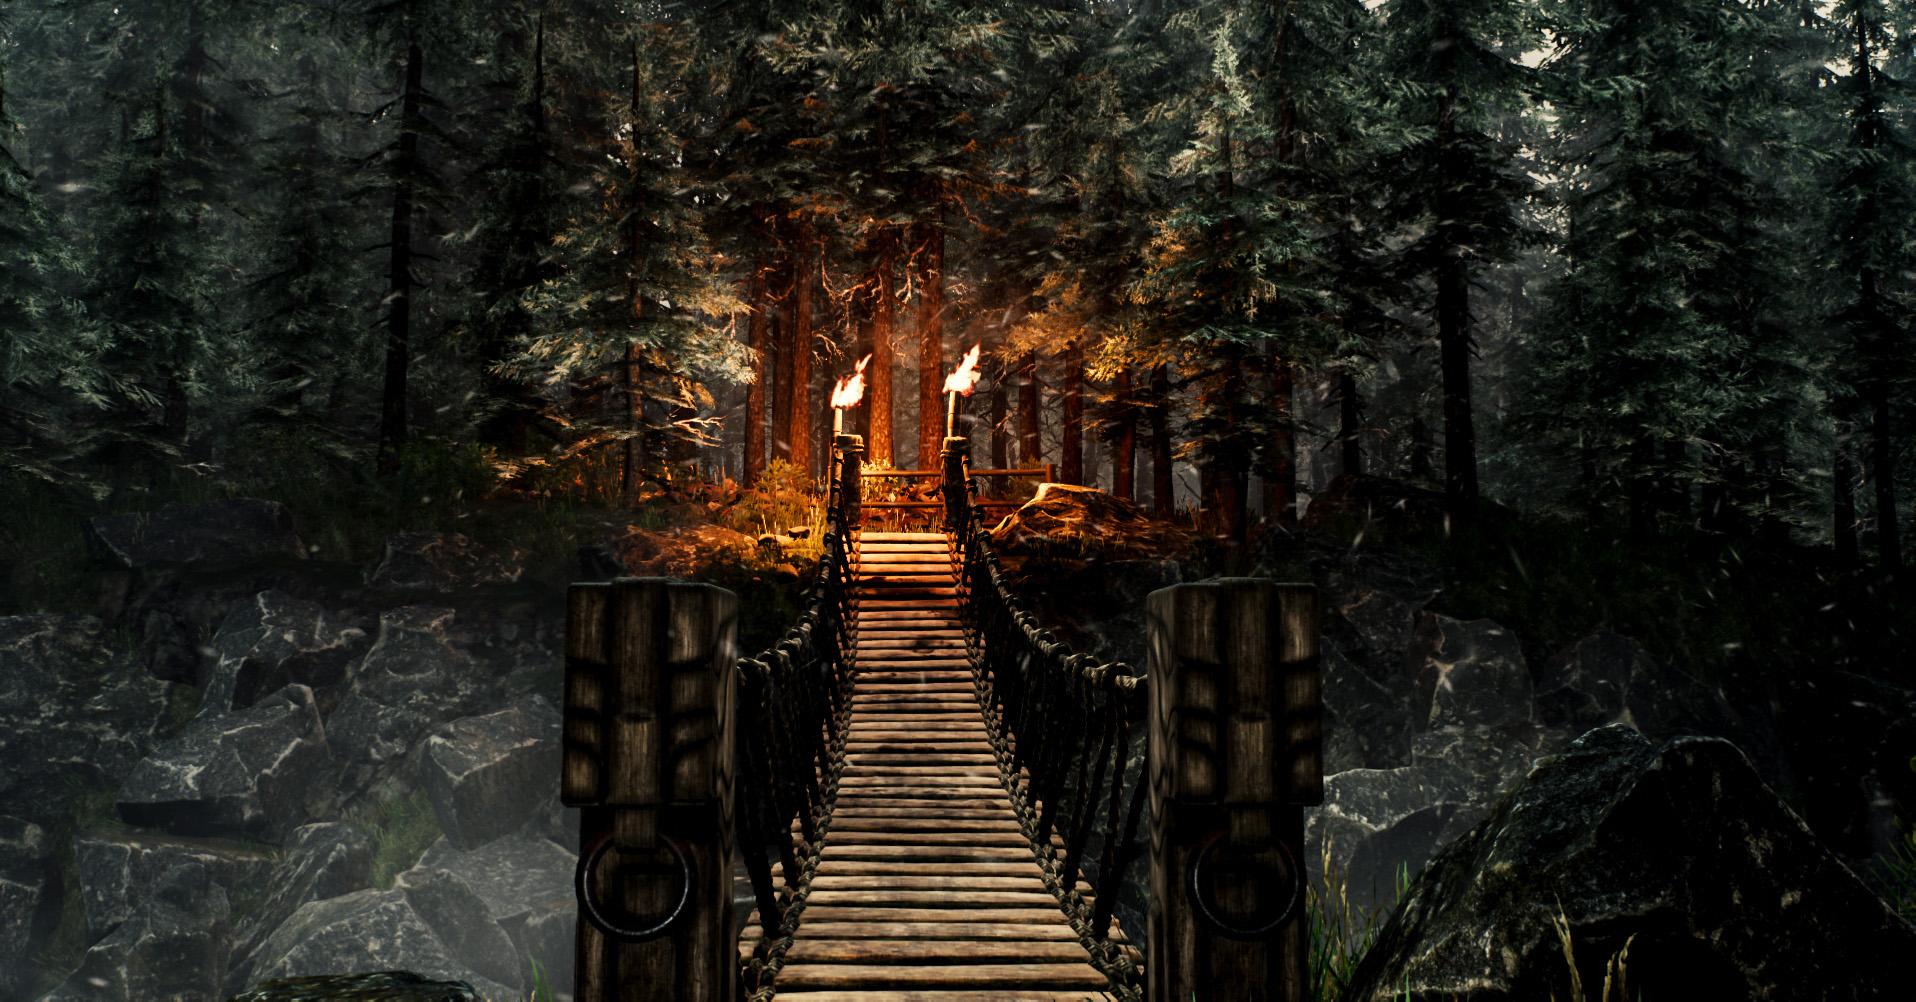 Vikingský RPG titul Rune: Ragnarok na prvních screenshotech 154032